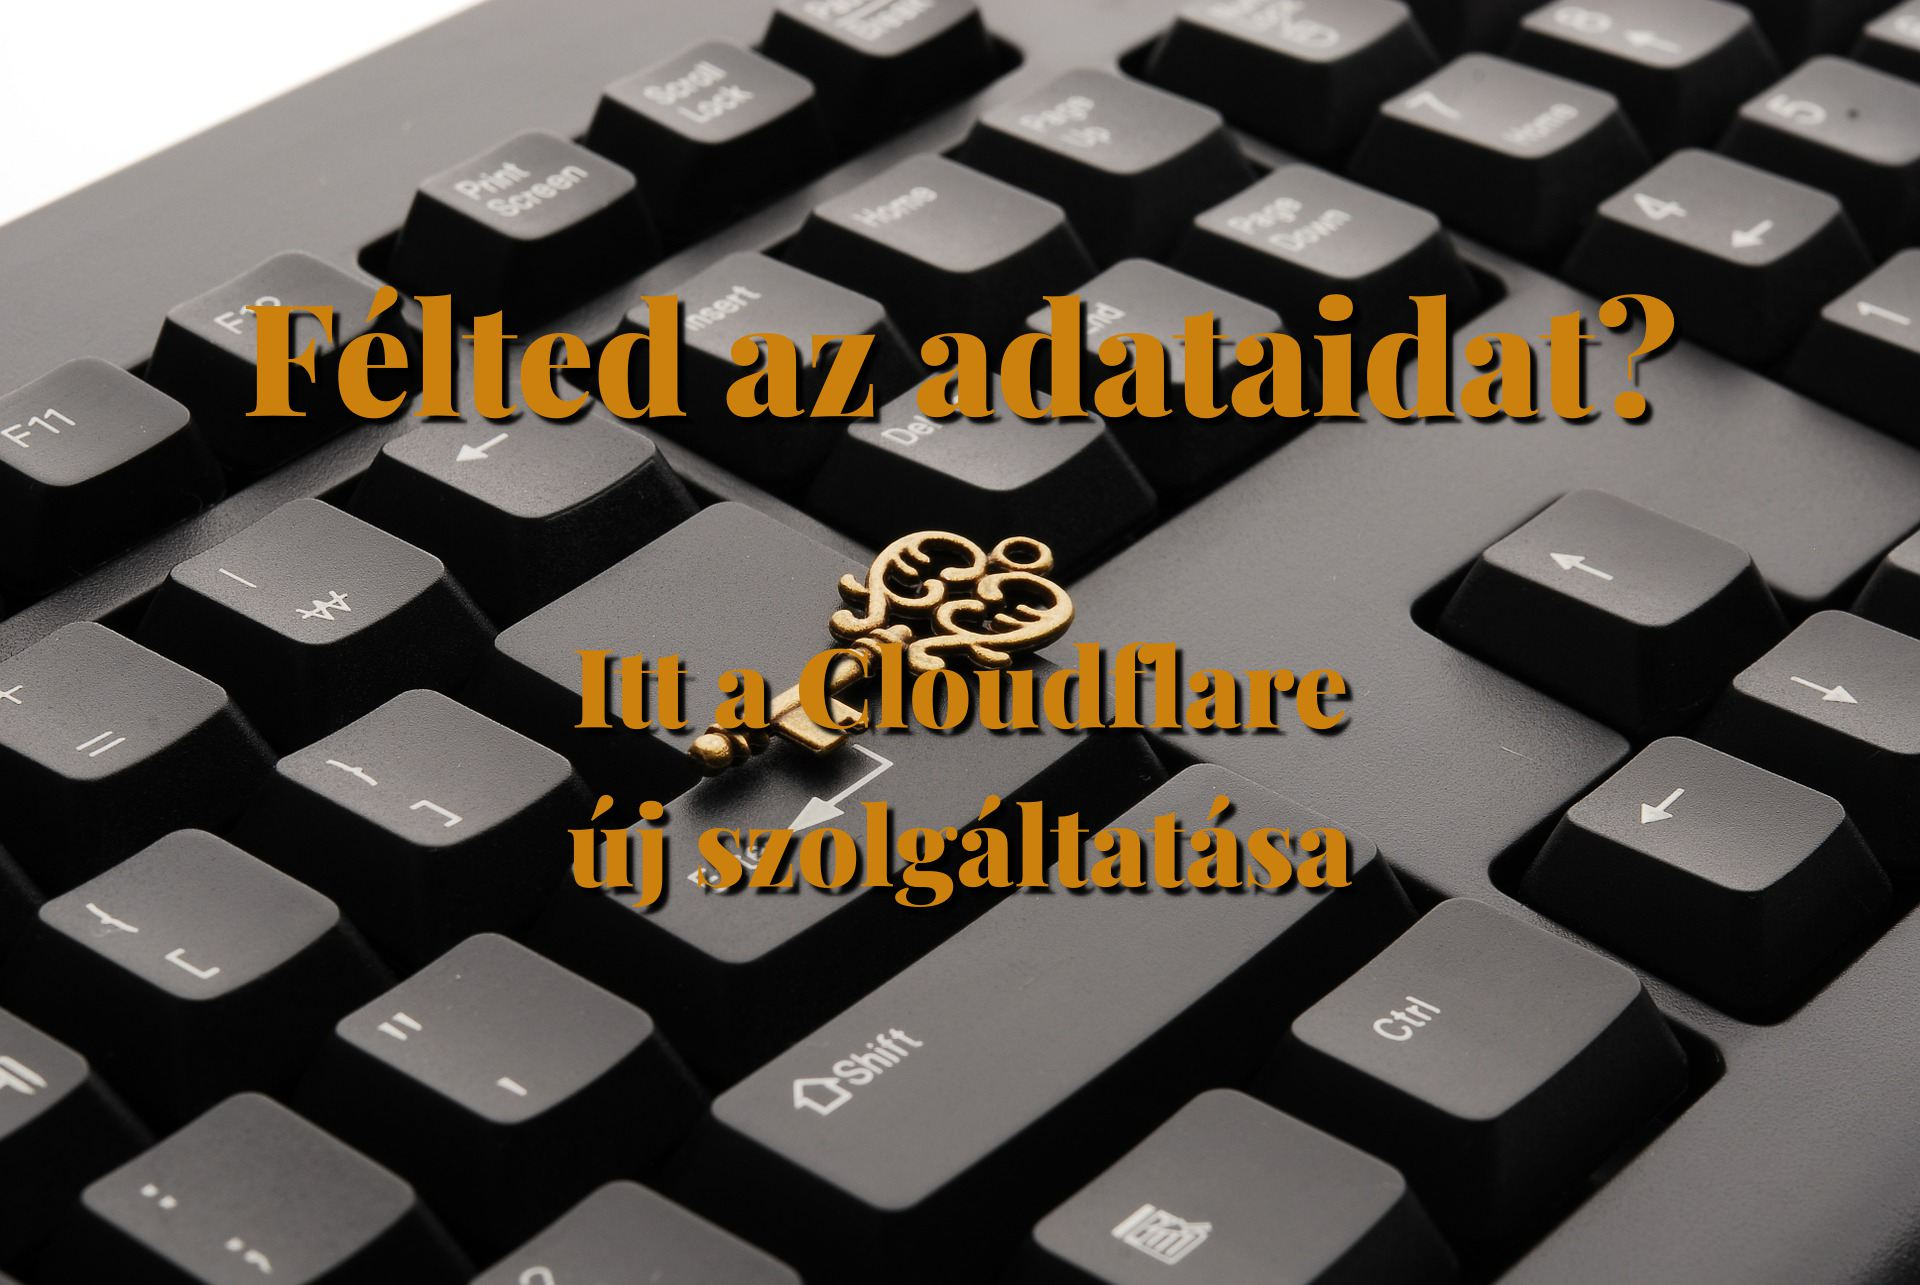 Cloudflare adatvédelem DNS szolgáltatása